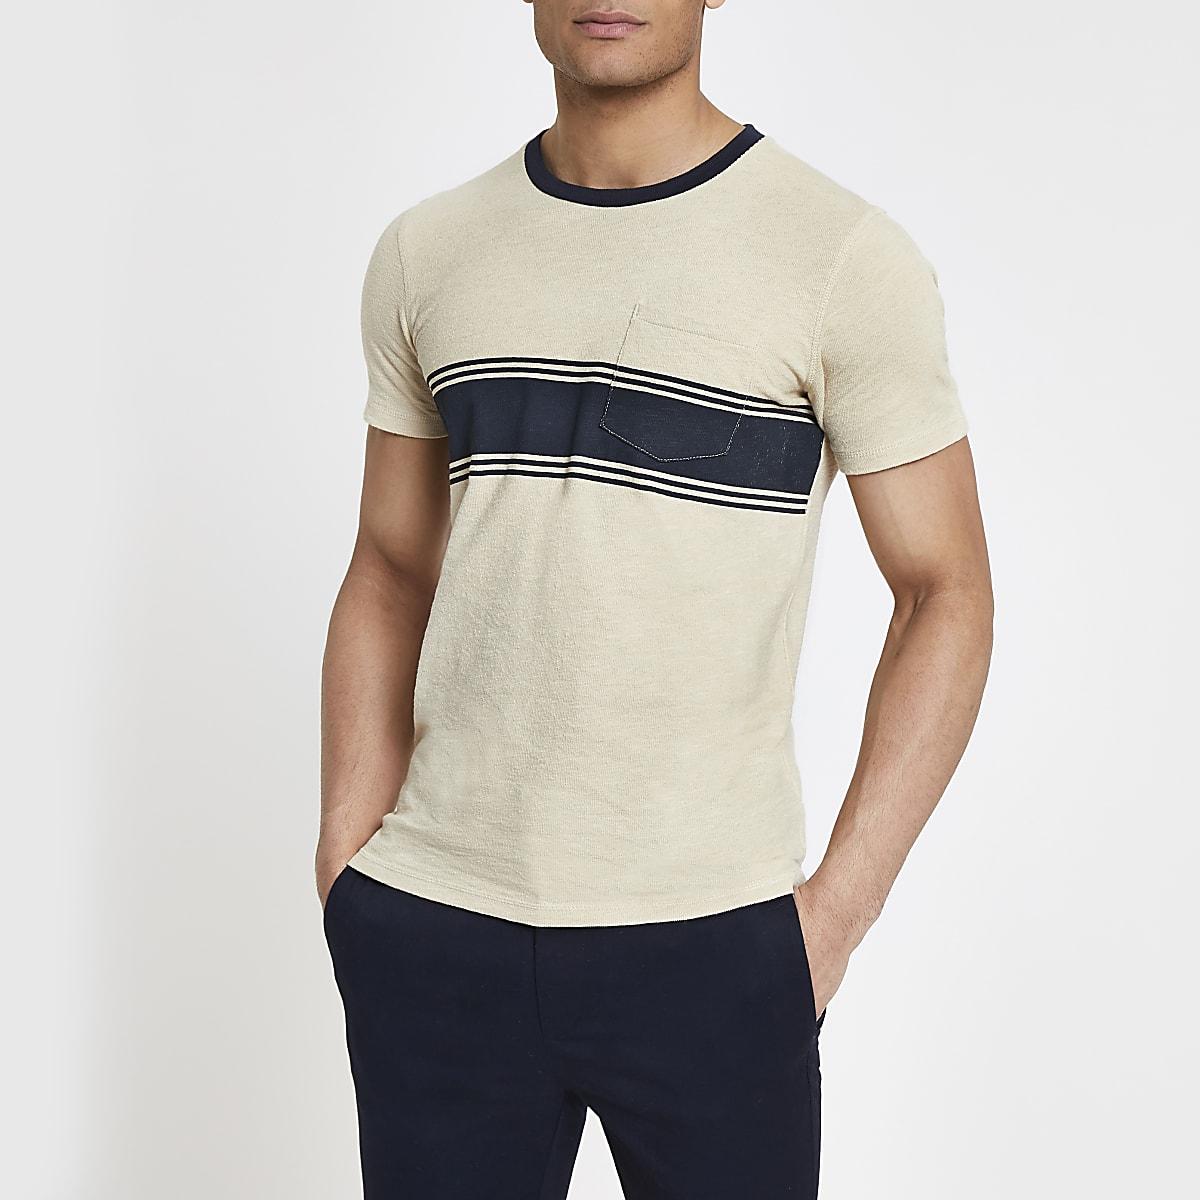 Selected Homme - Beige T-shirt met borstzak